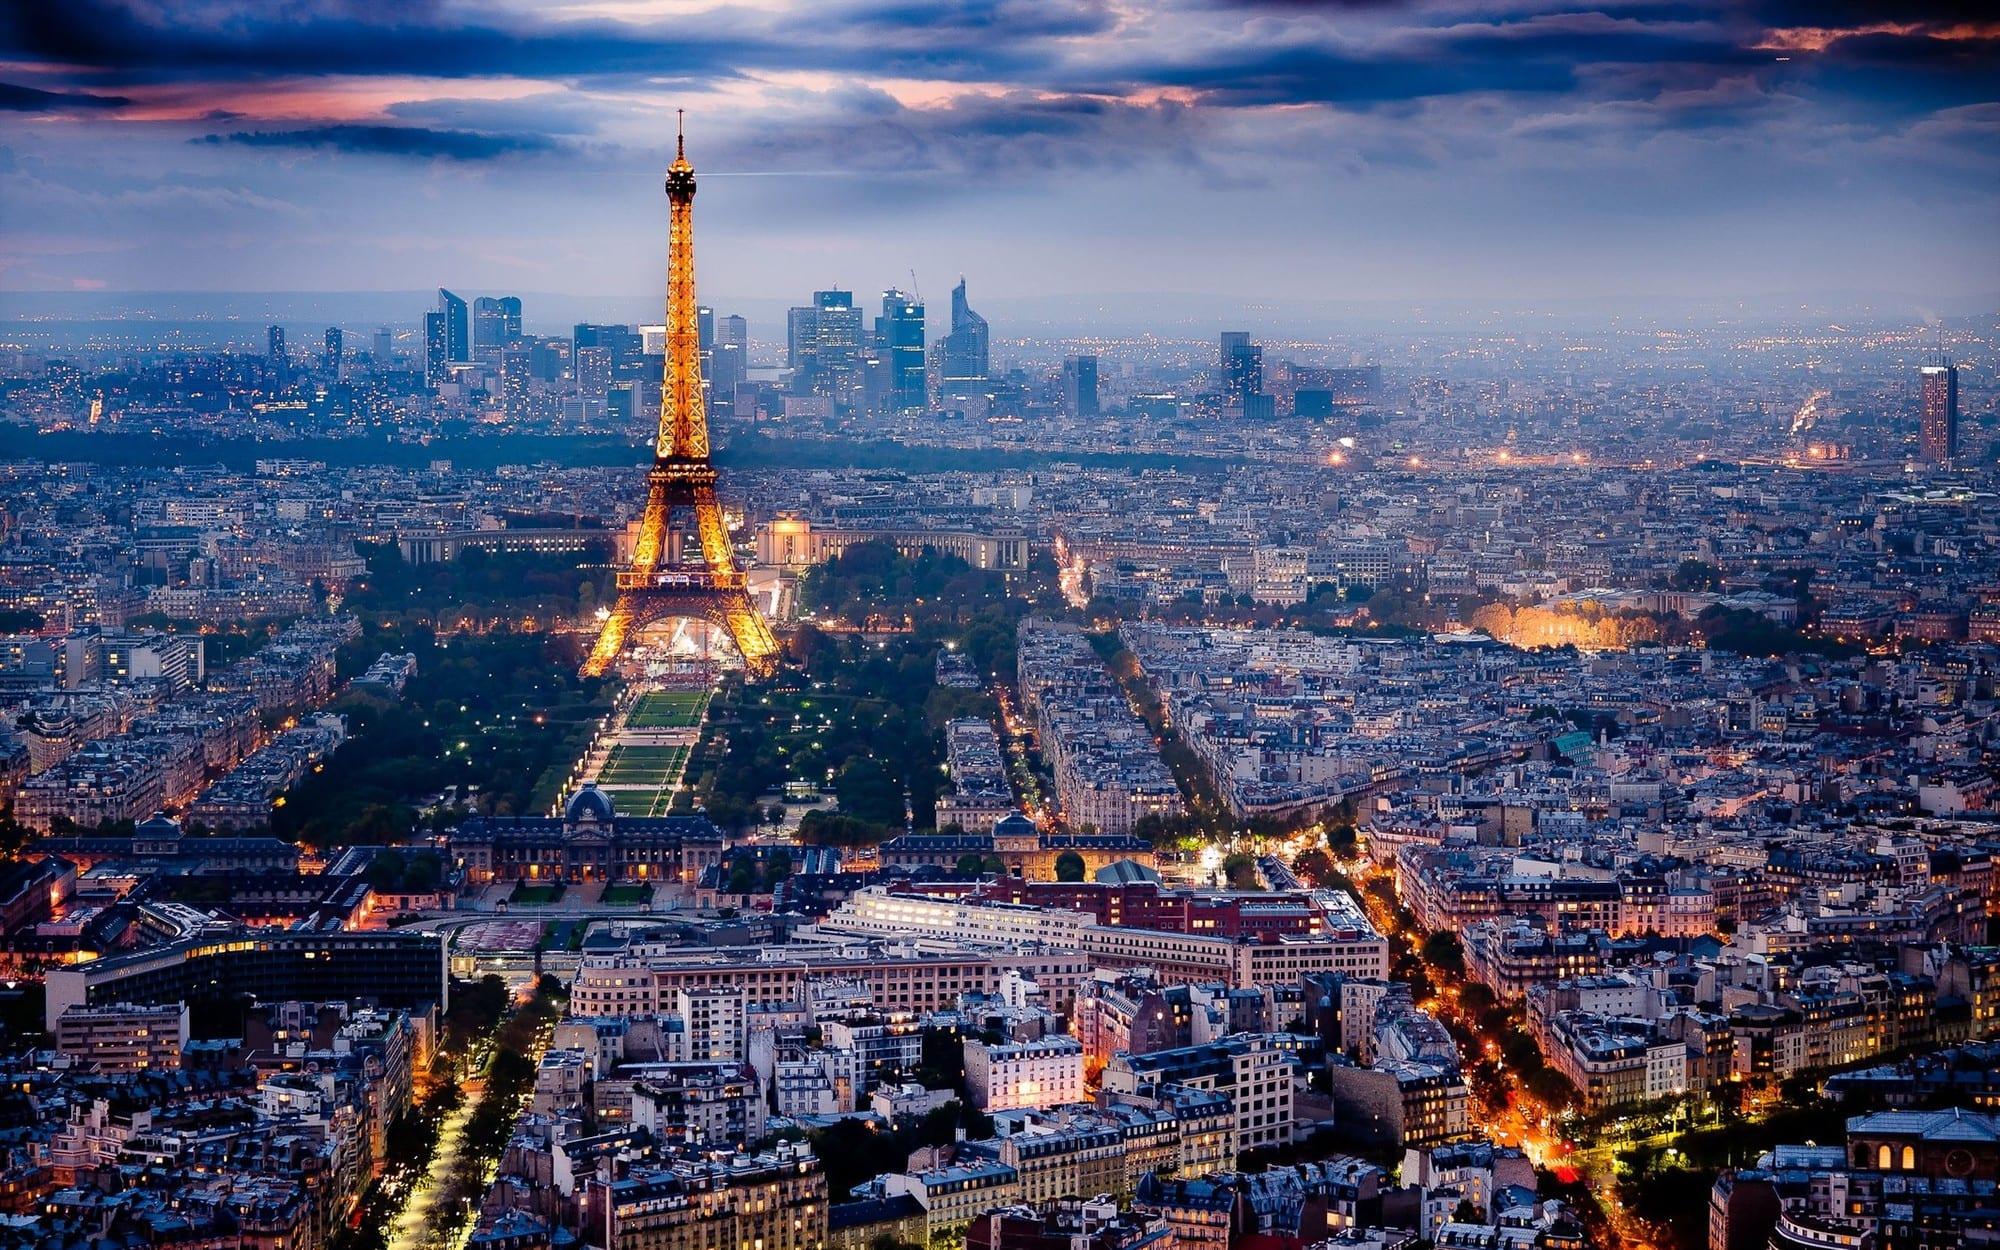 مدينة روبيه الفرنسية